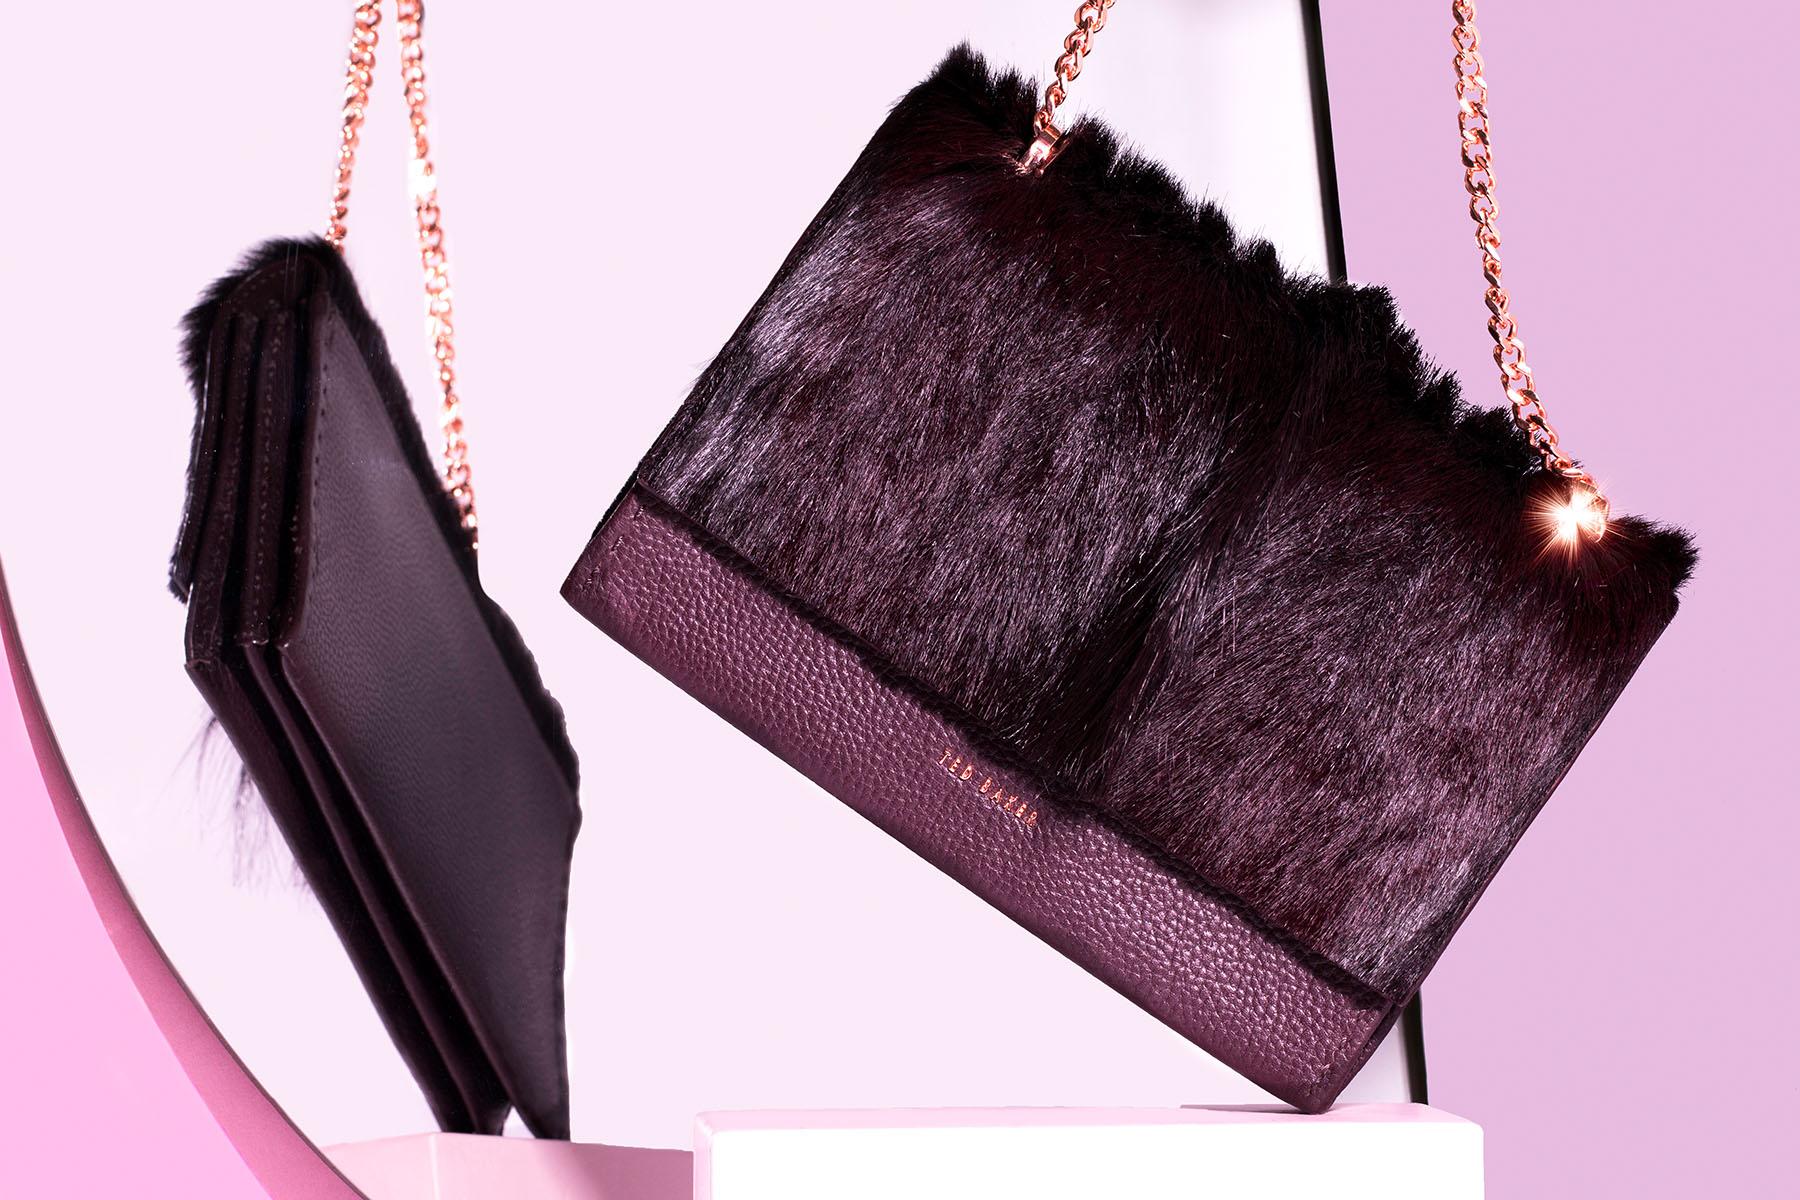 Stil life series by Loesje Kessels of Ted Baker handbag